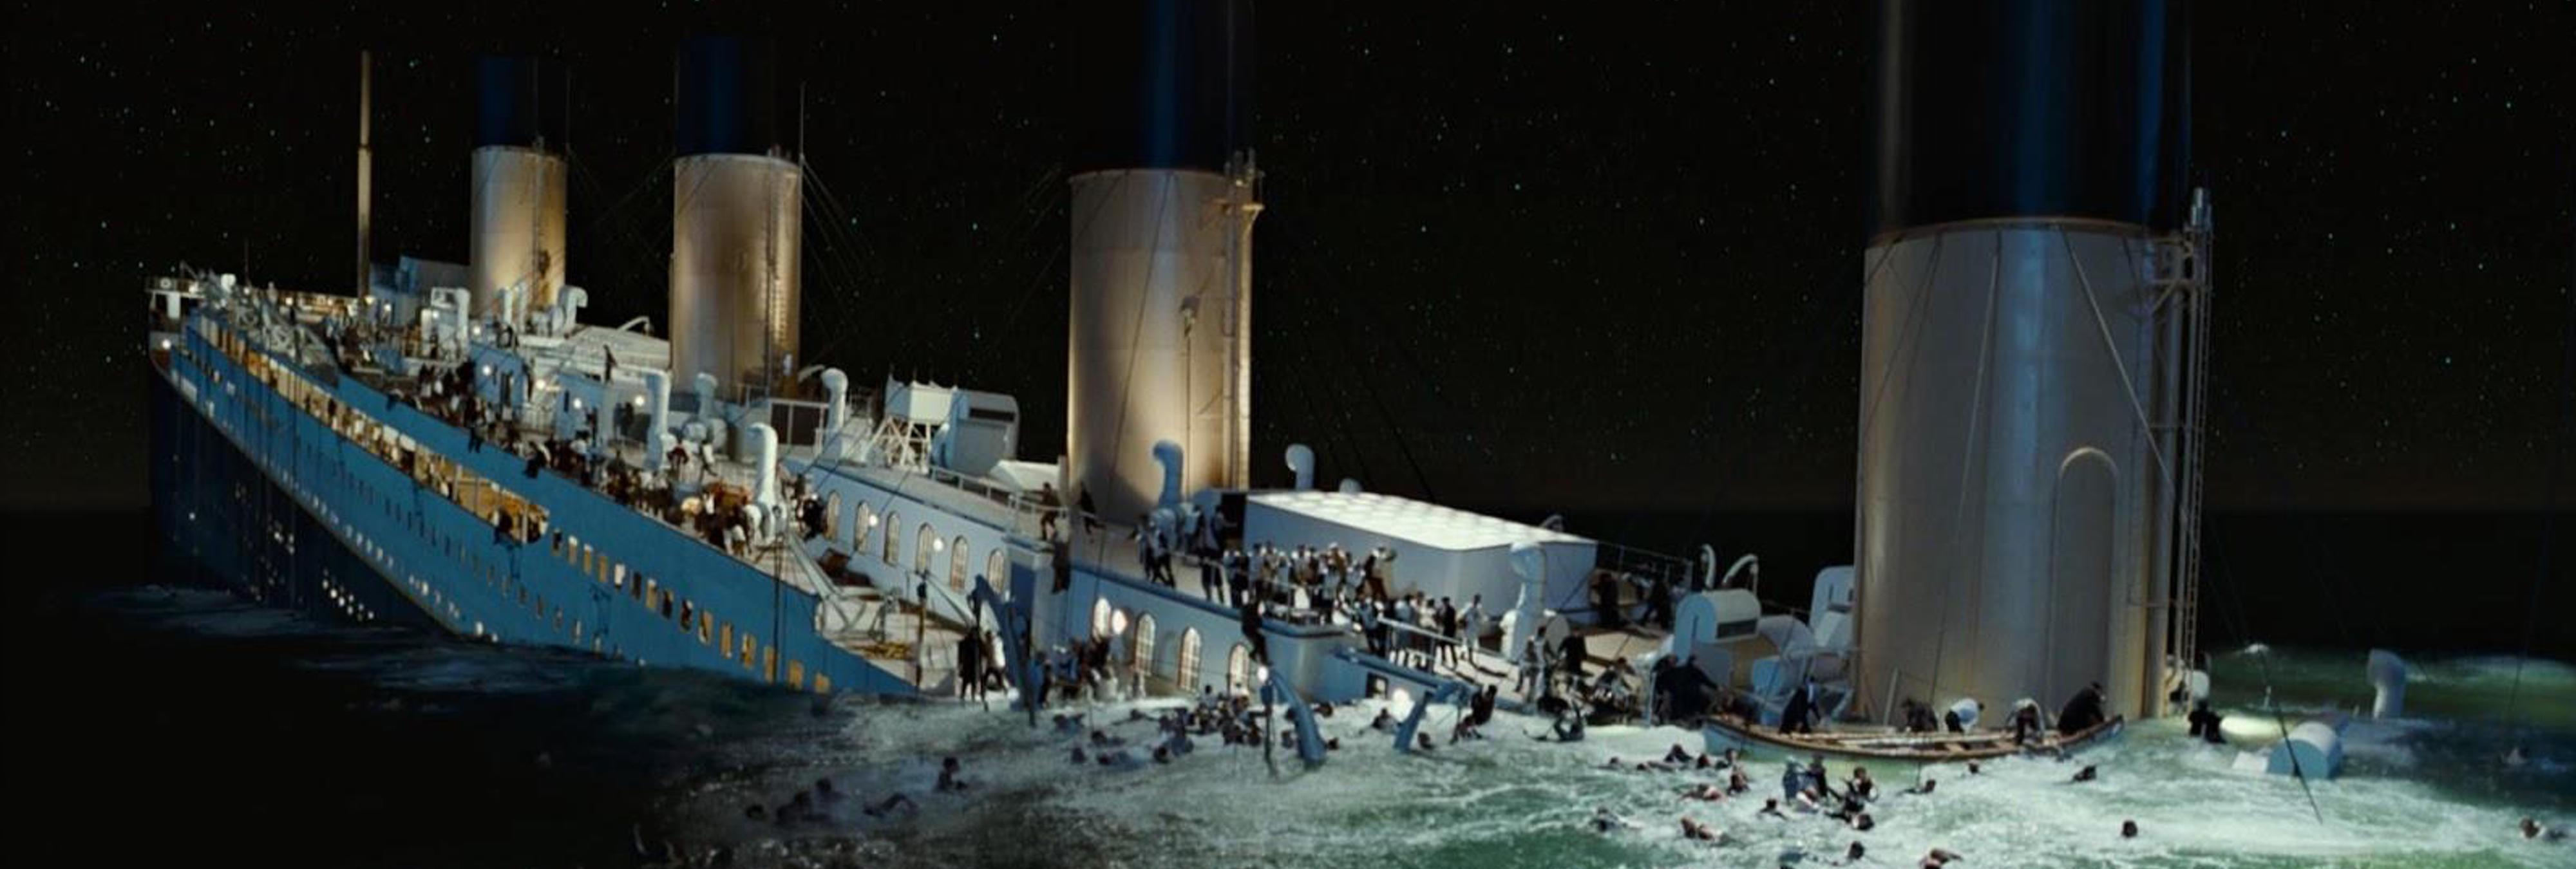 por qué se hundió el titanic La verdadera razón por la que el titanic se hundió si bien cierto es que la culpa fue de un iceberg que desgarró el casco de la cubierta del titanic provocando que este navío se hundiera en las profundidades del océano atlántico, esto solo es una respuesta superficial a lo que en verdad paso.